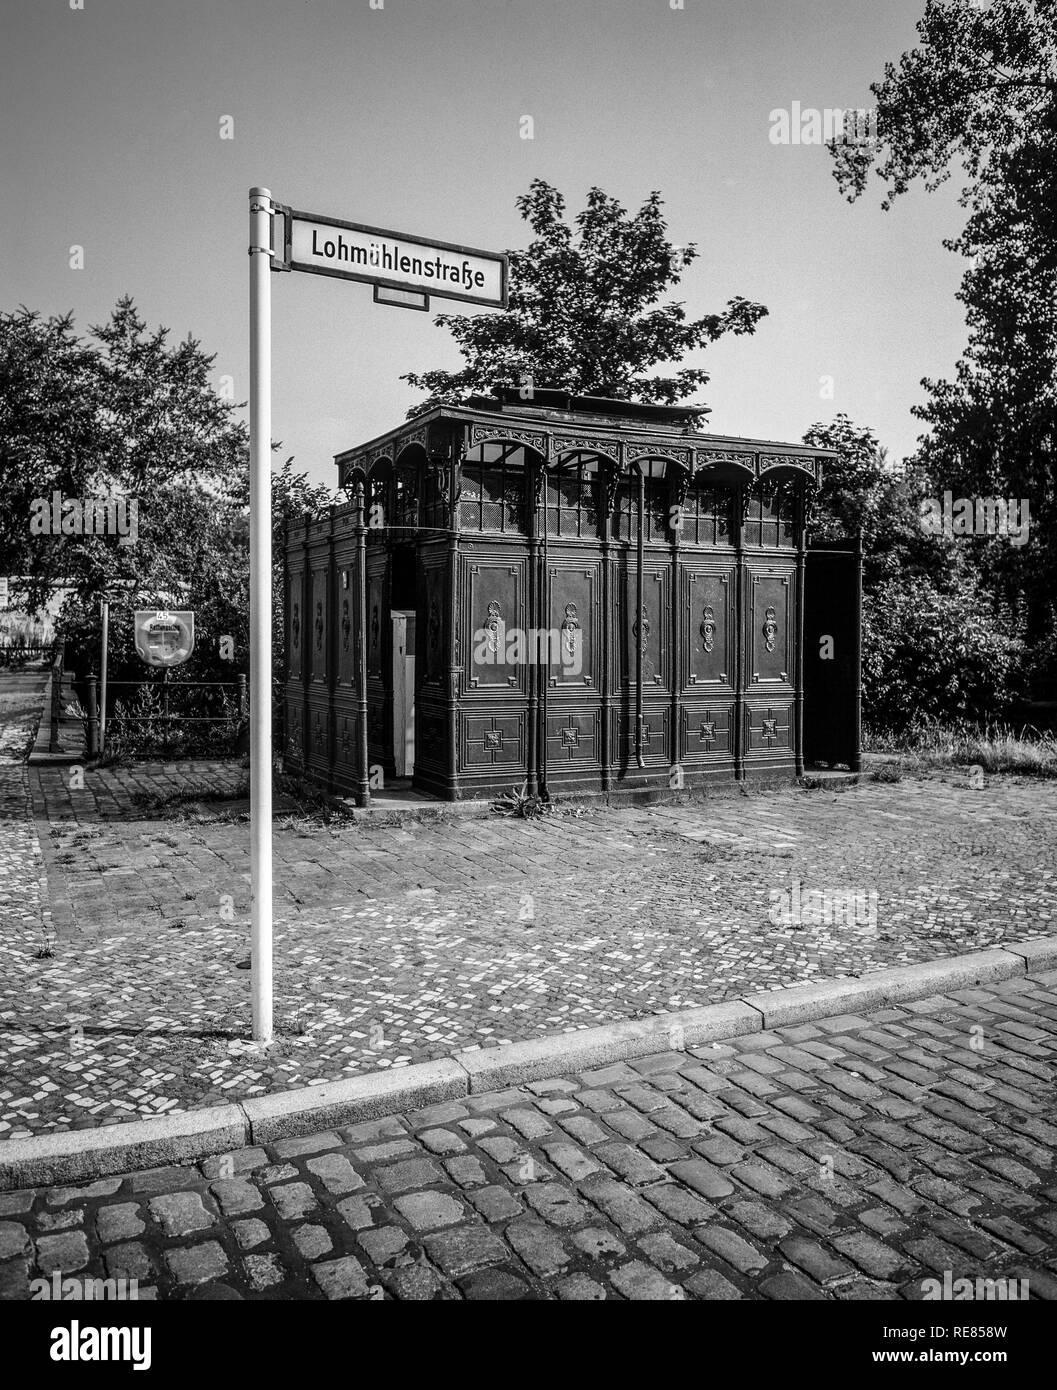 Agosto 1986, antica wc pubblico 1899, Lohmühlenstrasse strada segno, Treptow, Berlino Ovest lato, Germania, Europa Immagini Stock